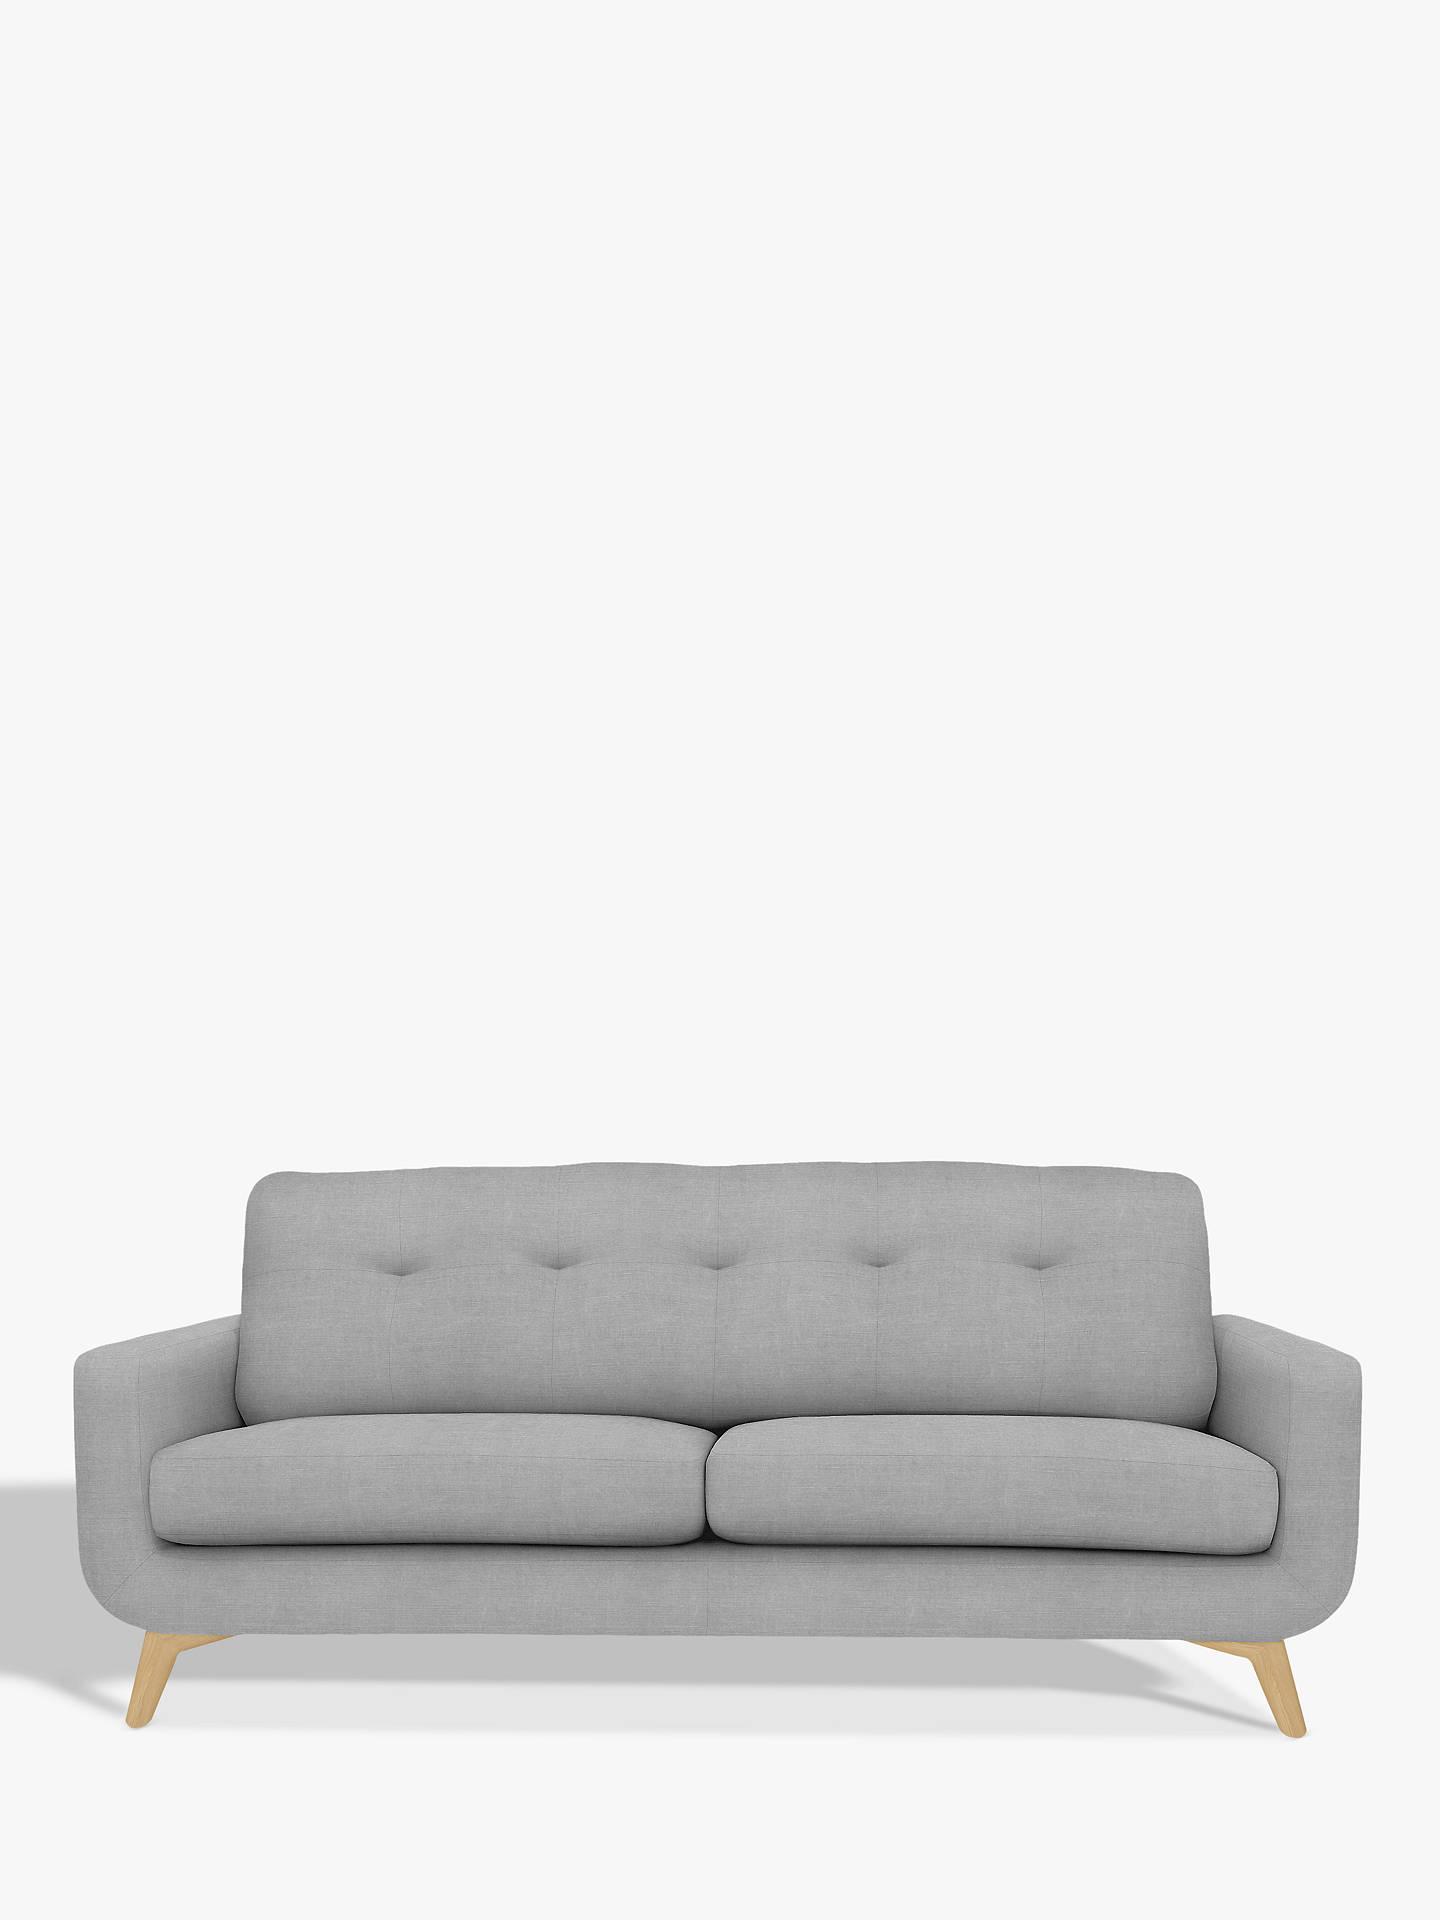 John Lewis Barbican Large 3 Seater Sofa Light Leg At